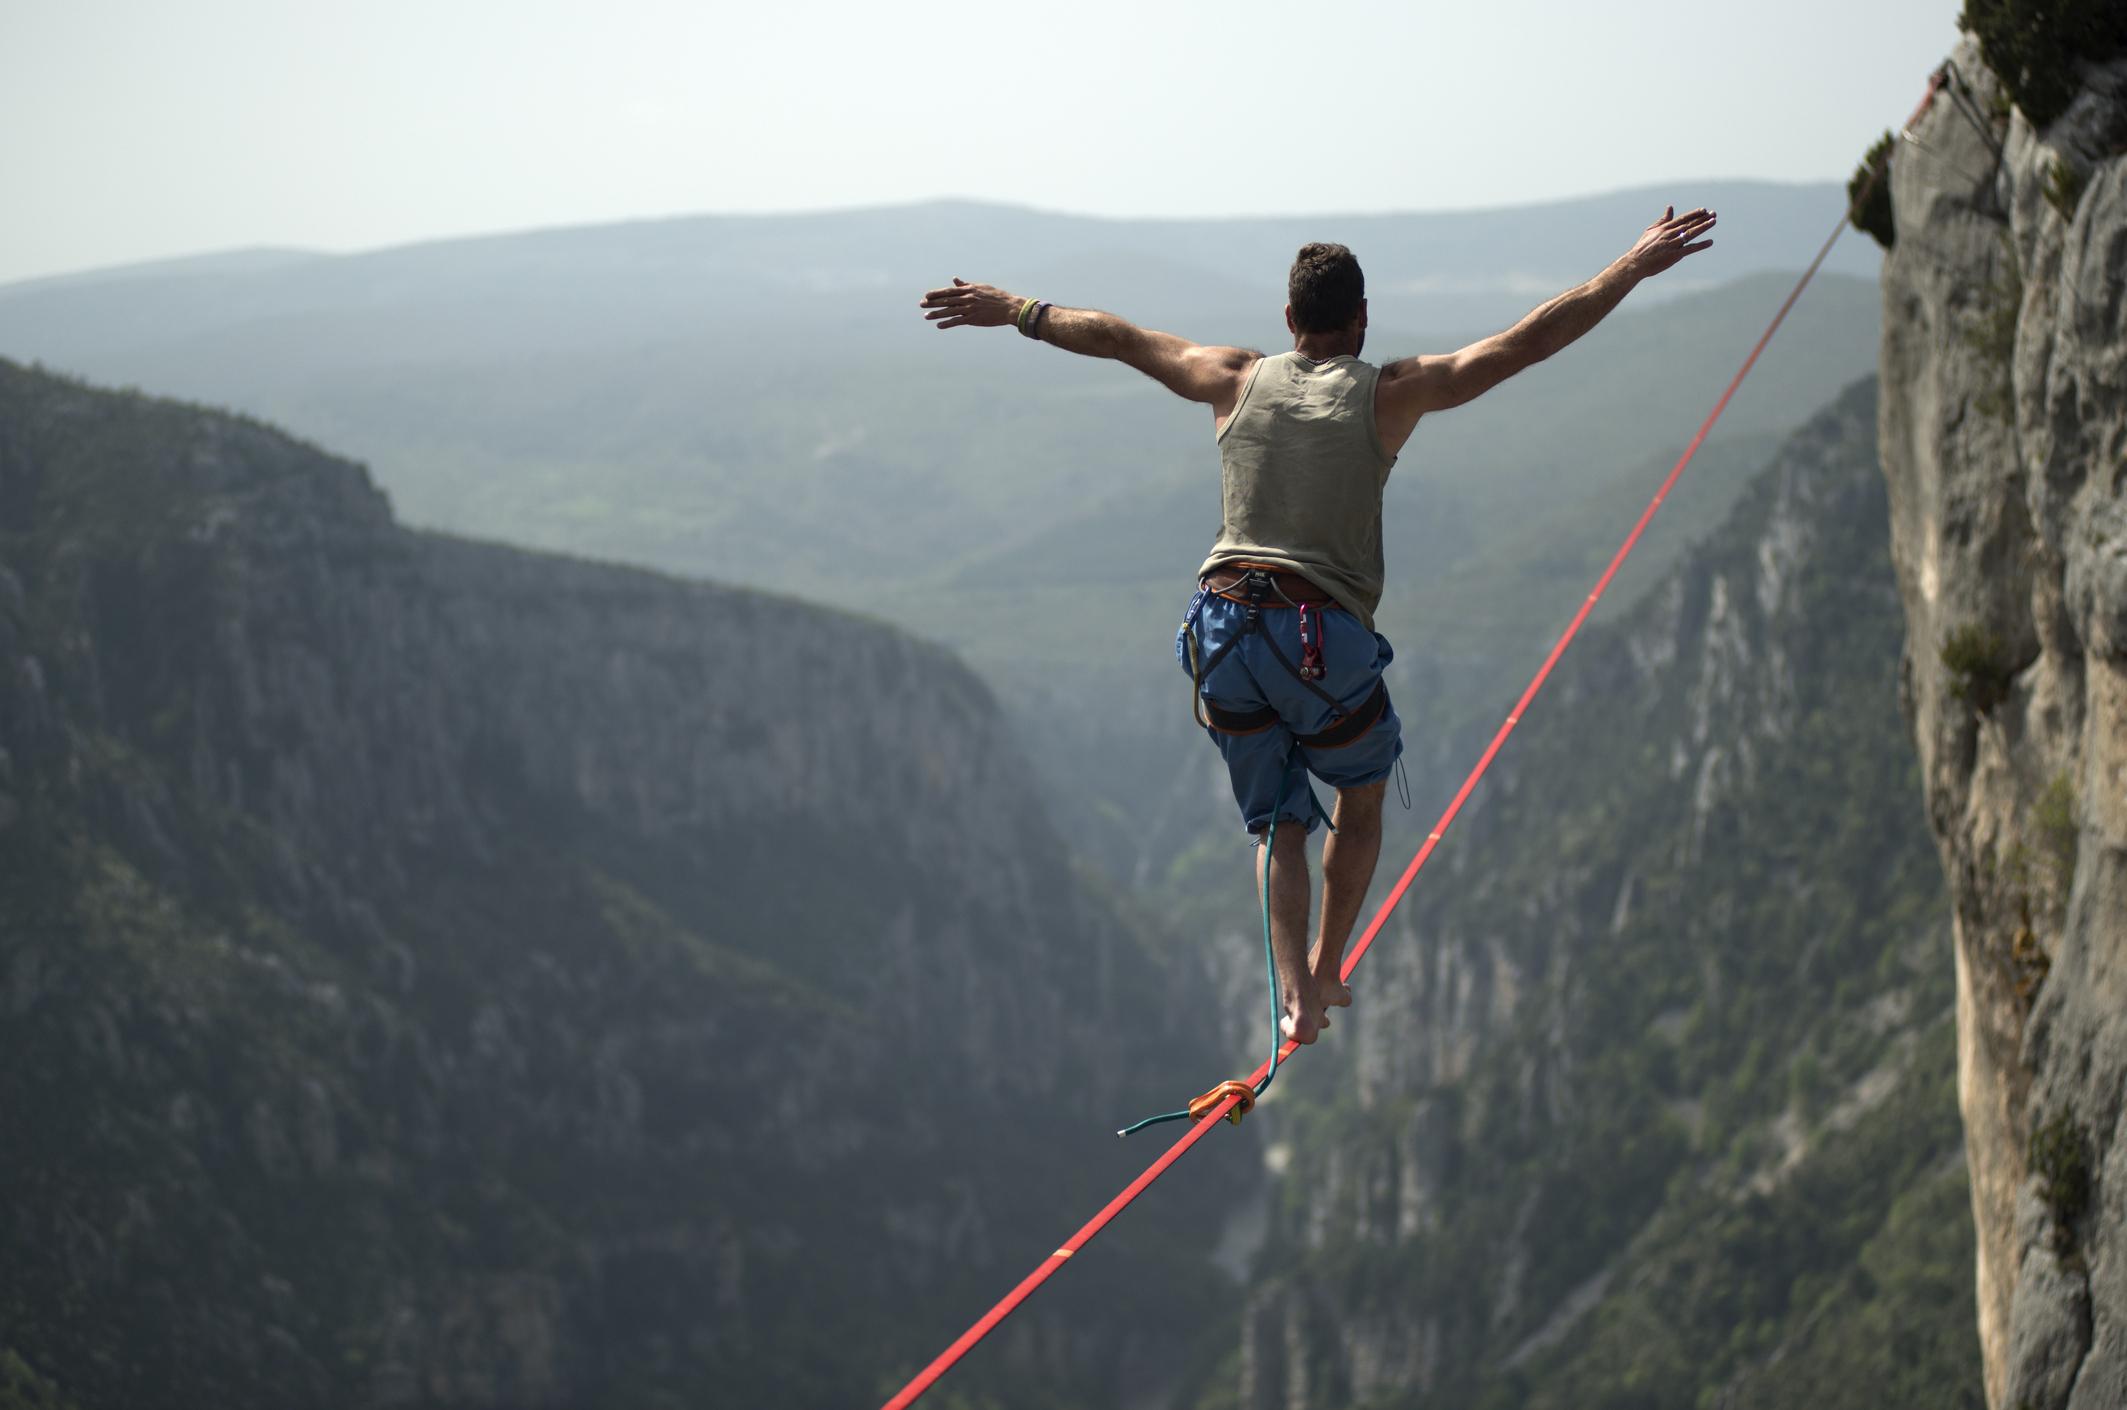 tightrope walking, balance